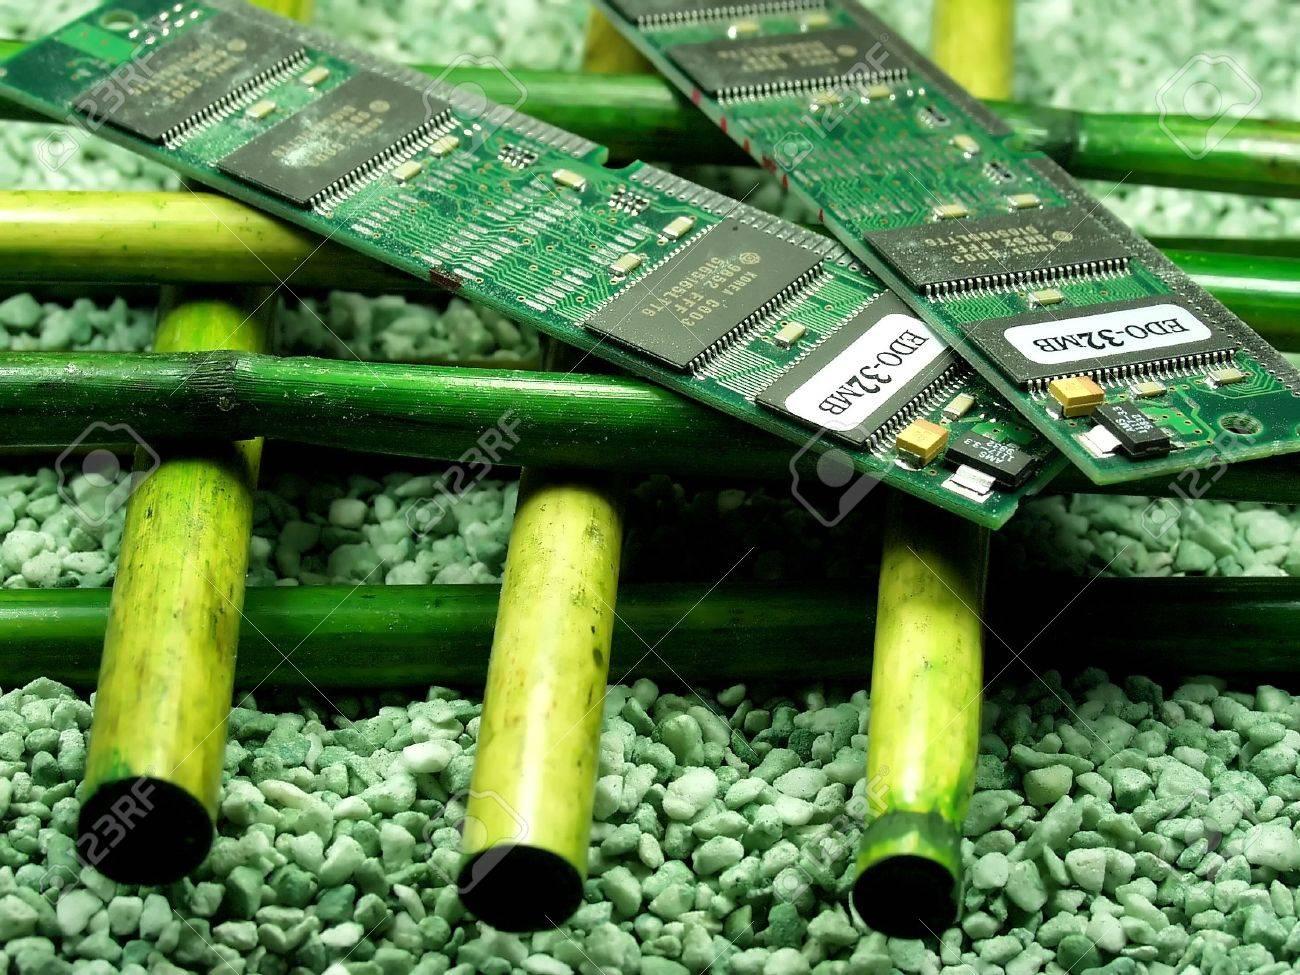 Ram Módulo De Memoria De Más De Bambú Tecnología Versus